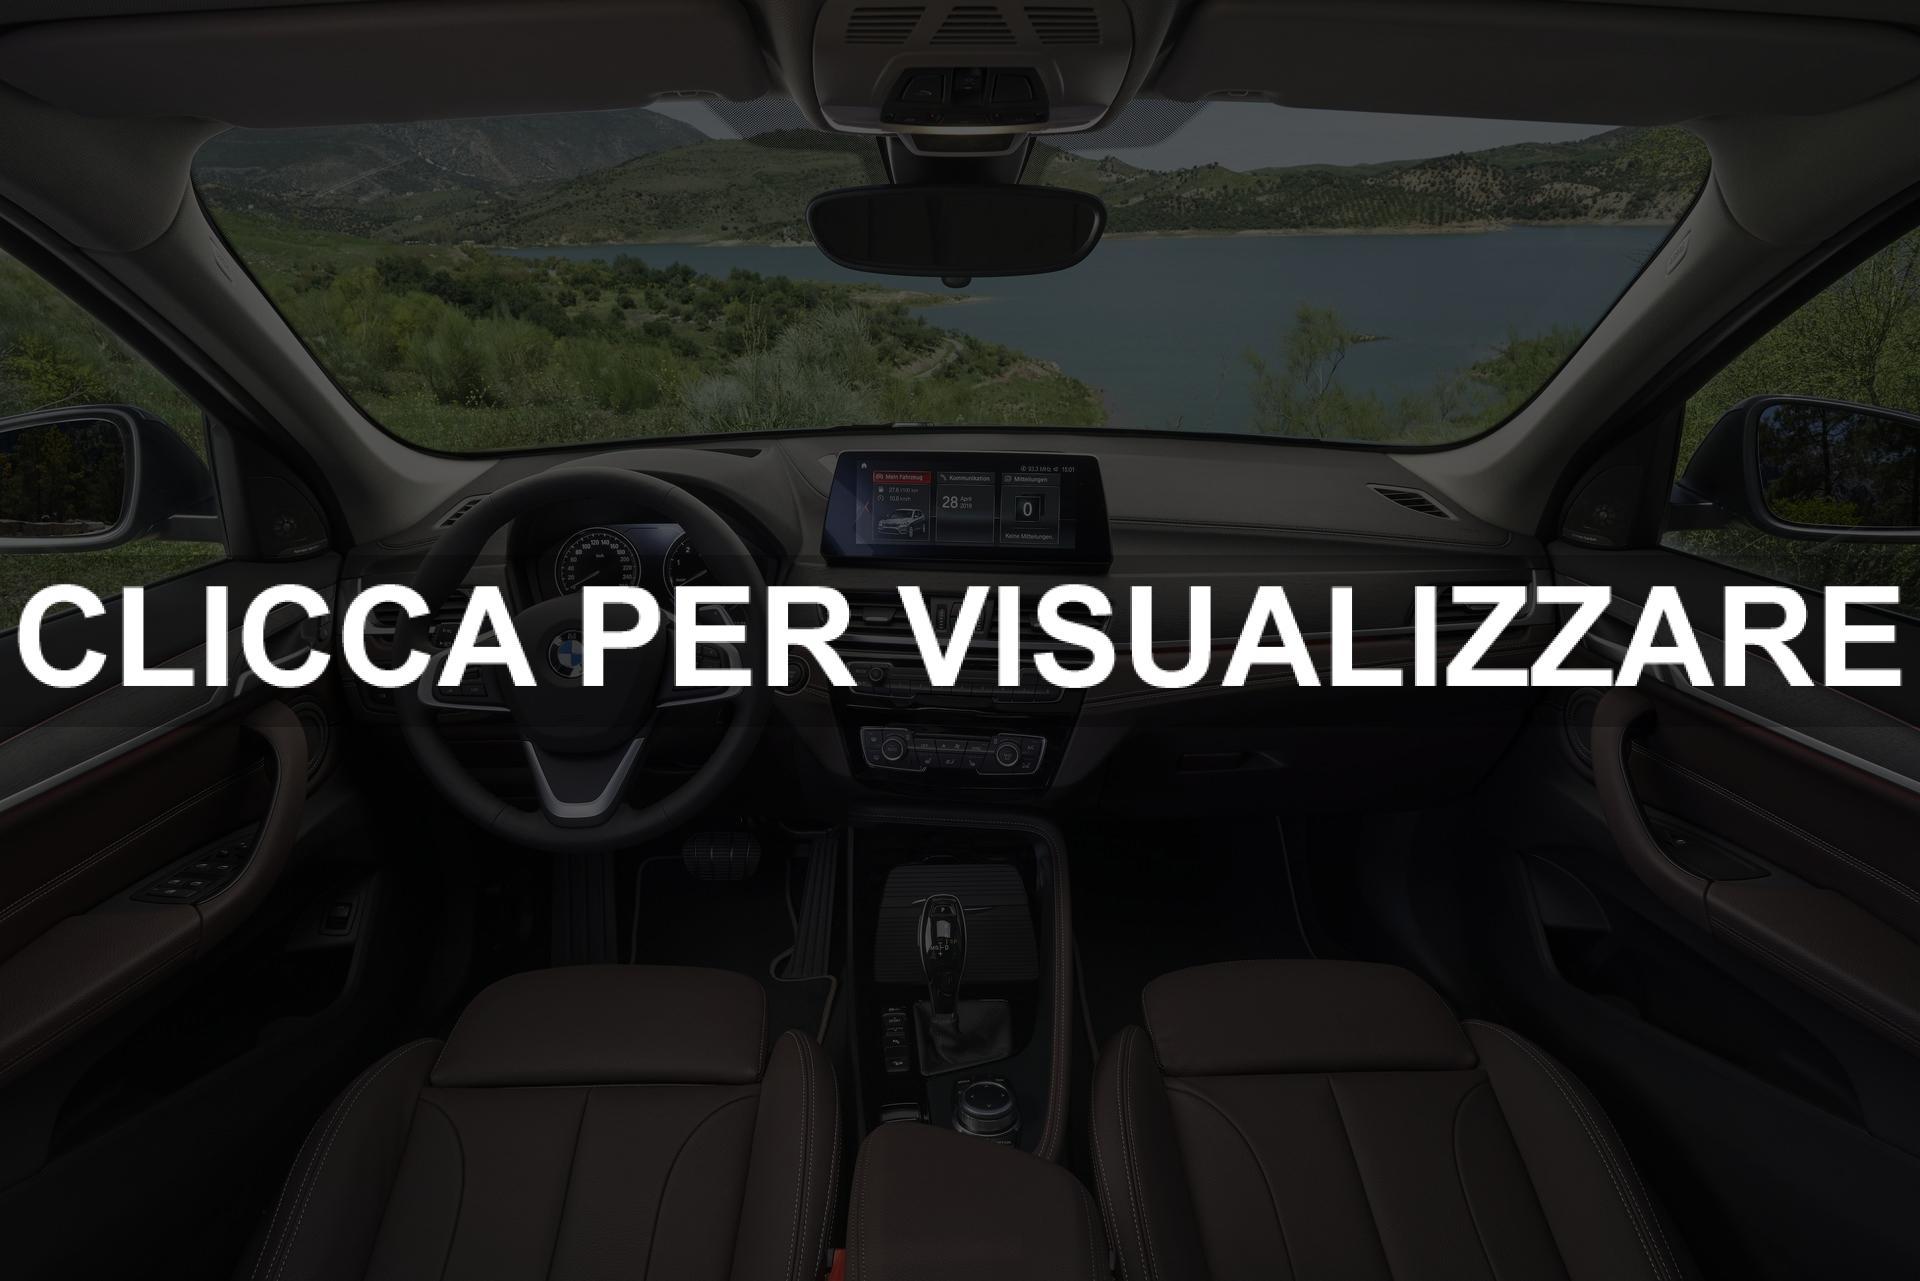 Immagine interni plancia e volante nuova BMW X1 2019